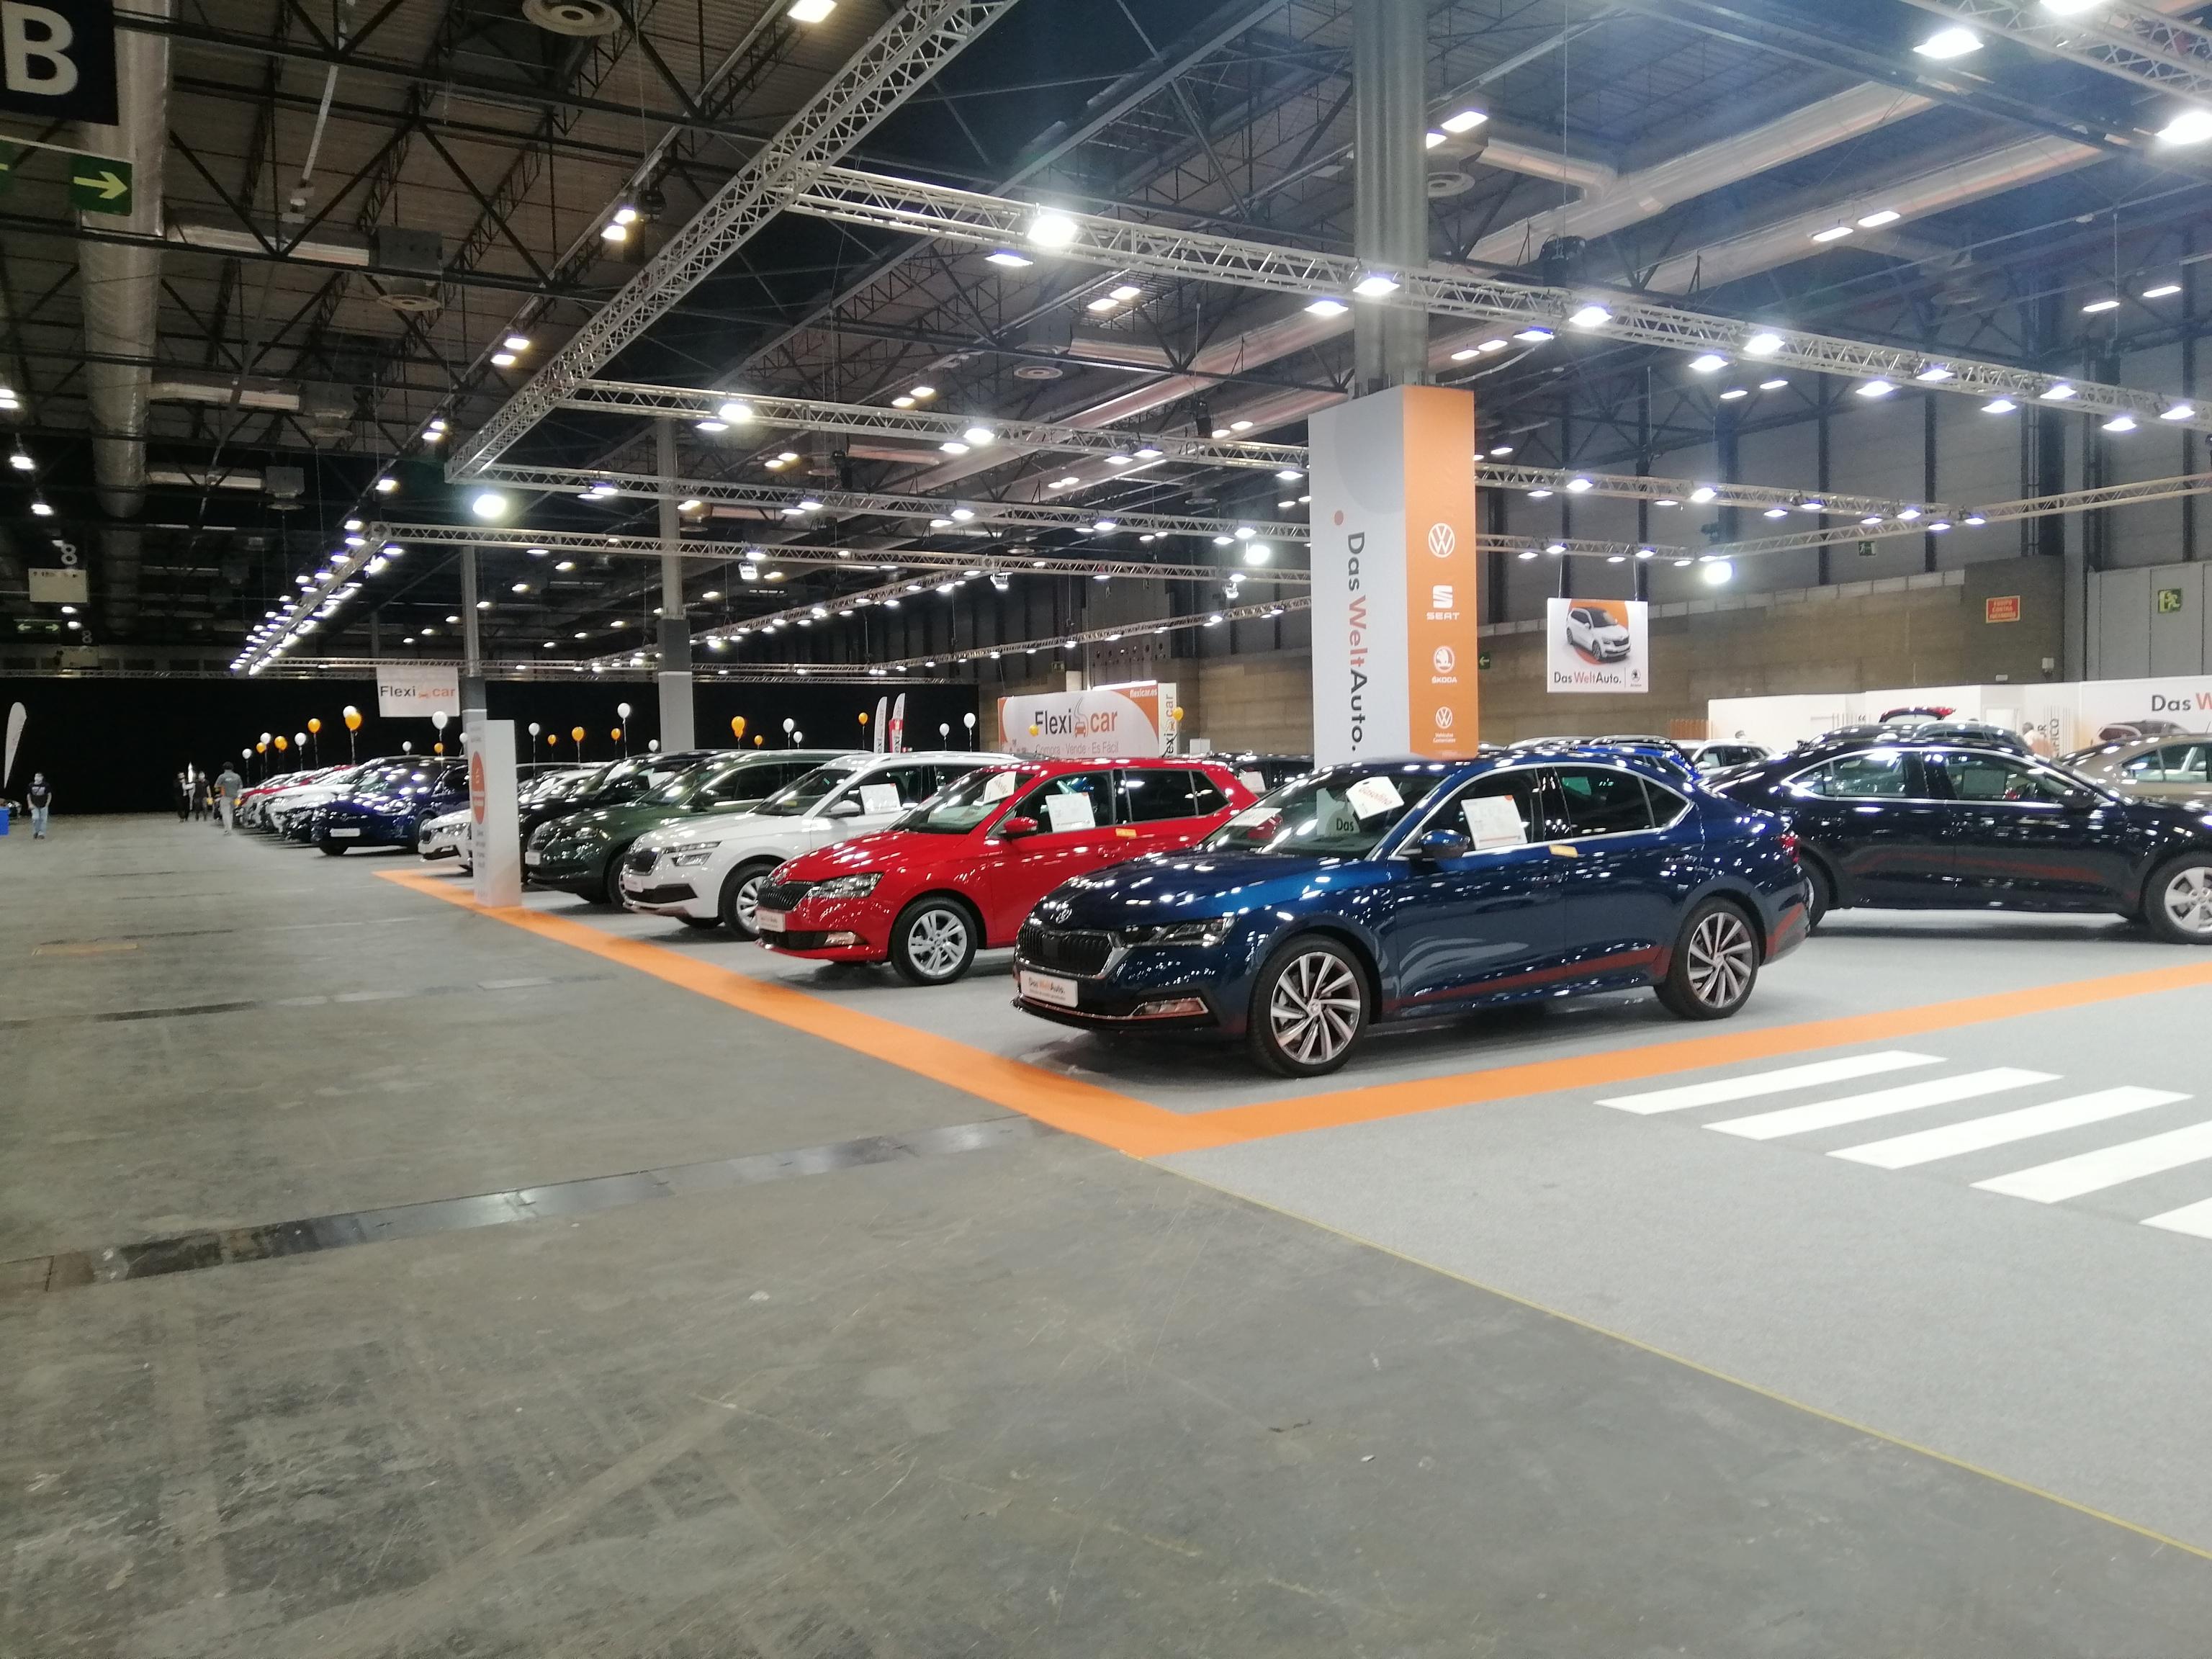 Stand de Das Welt Auto en el Salón del Vehículo de Ocasión de Madrid; Salón de VO, Volkswagen, Skoda, Seat, Ifema